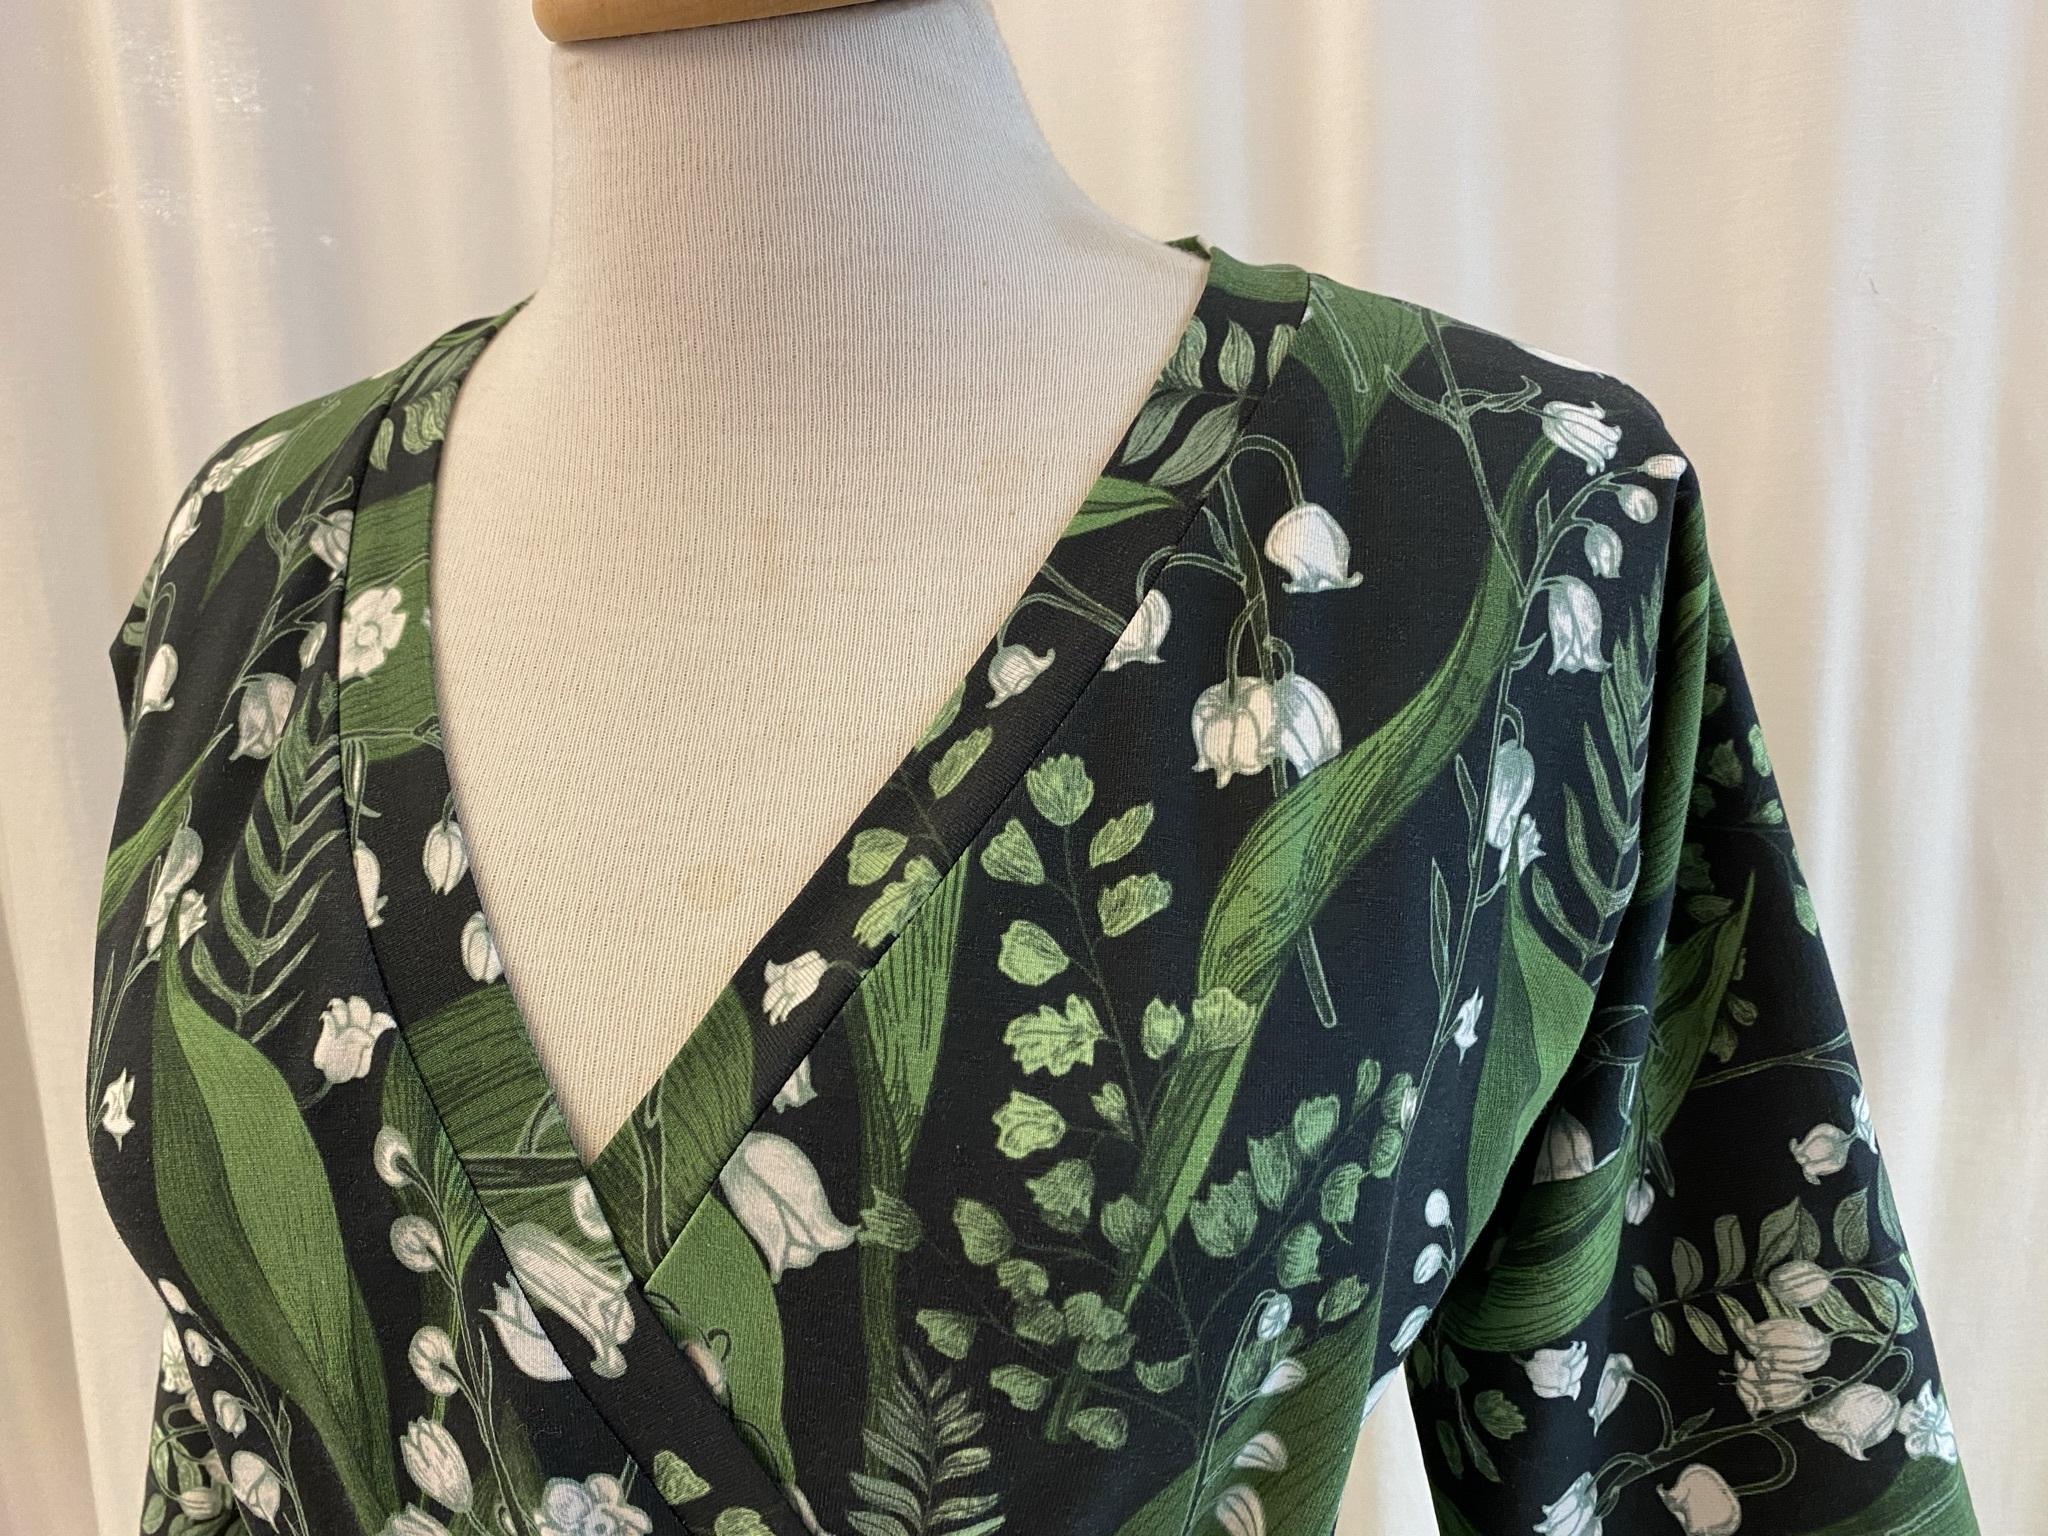 SaraLaholm Viola klänning omlottklänning liljekonvalj vår unik design svart grön blommor bomullstrikå